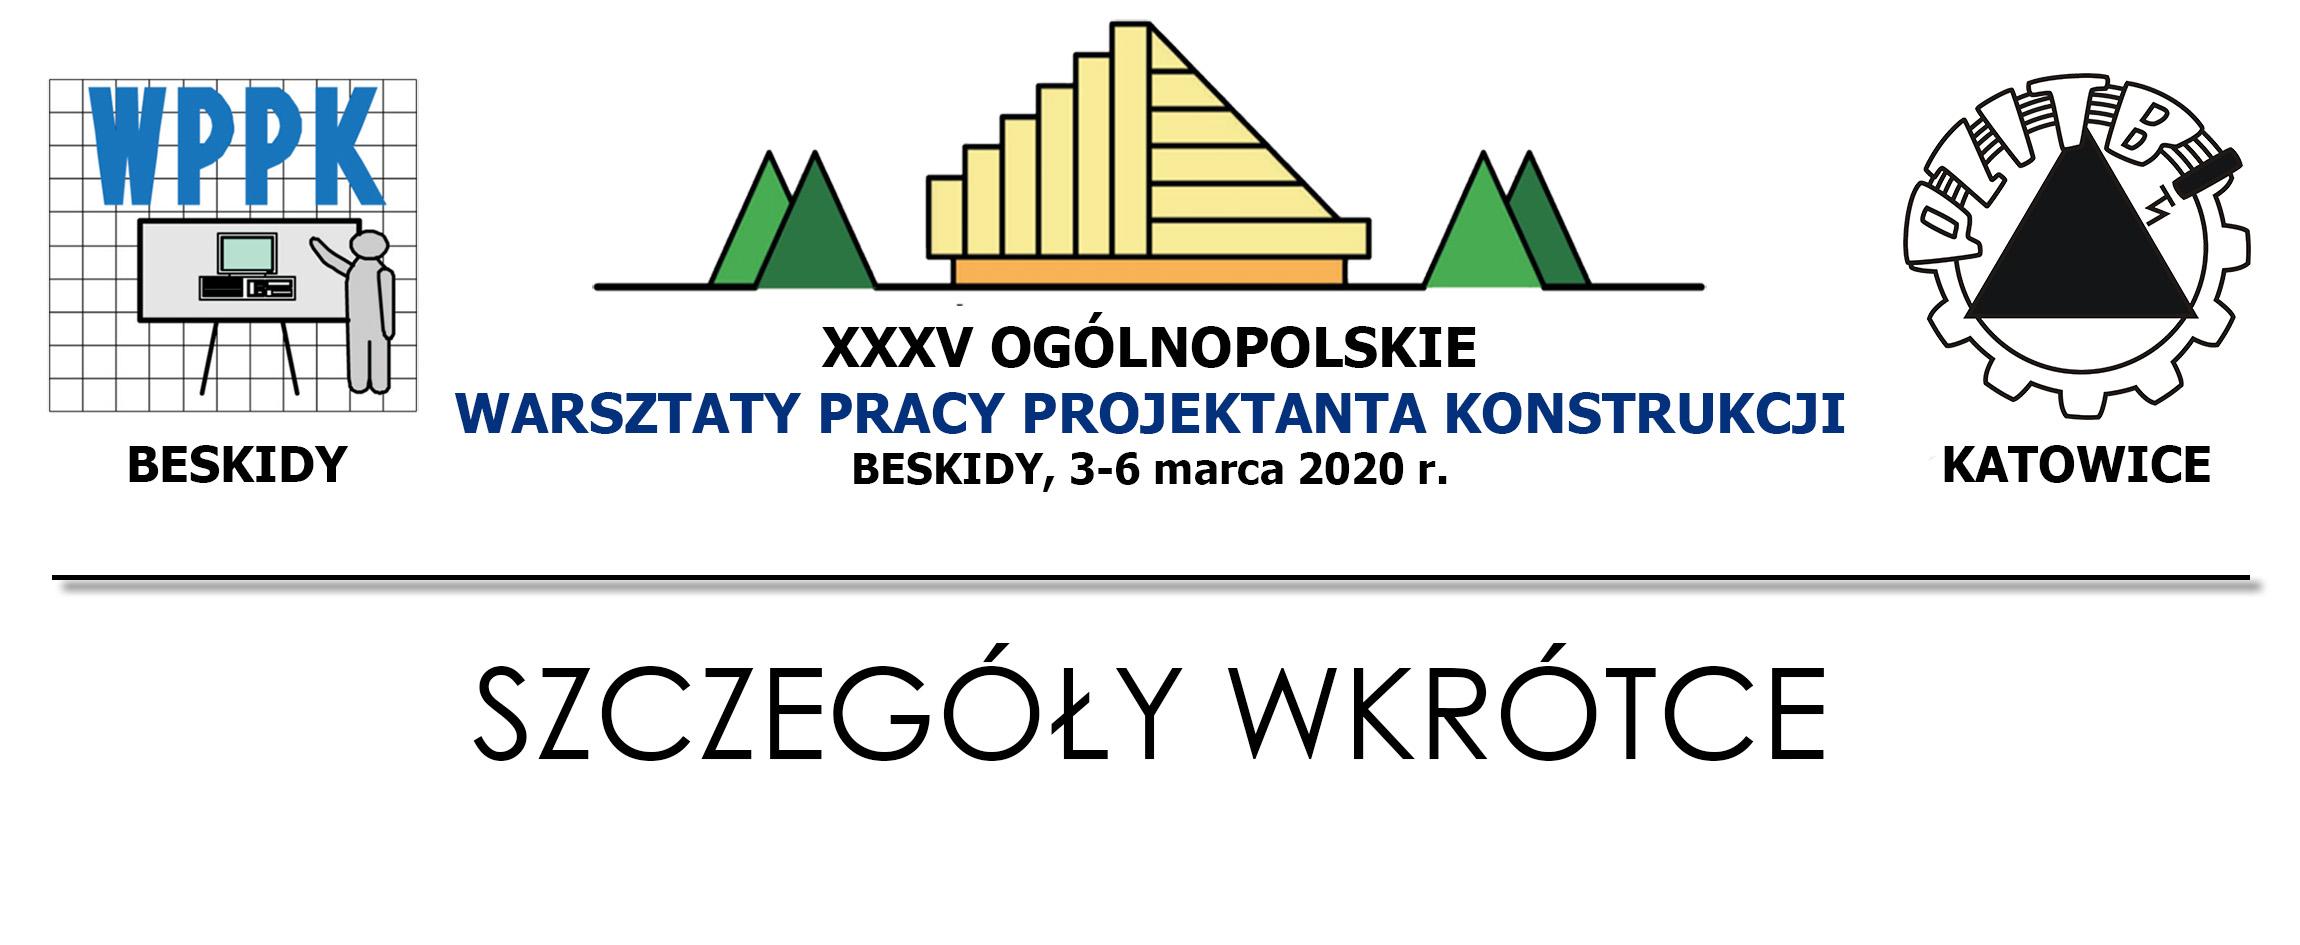 XXXV Ogólnopolskie Warsztaty Pracy Projektanta Konstrukcji